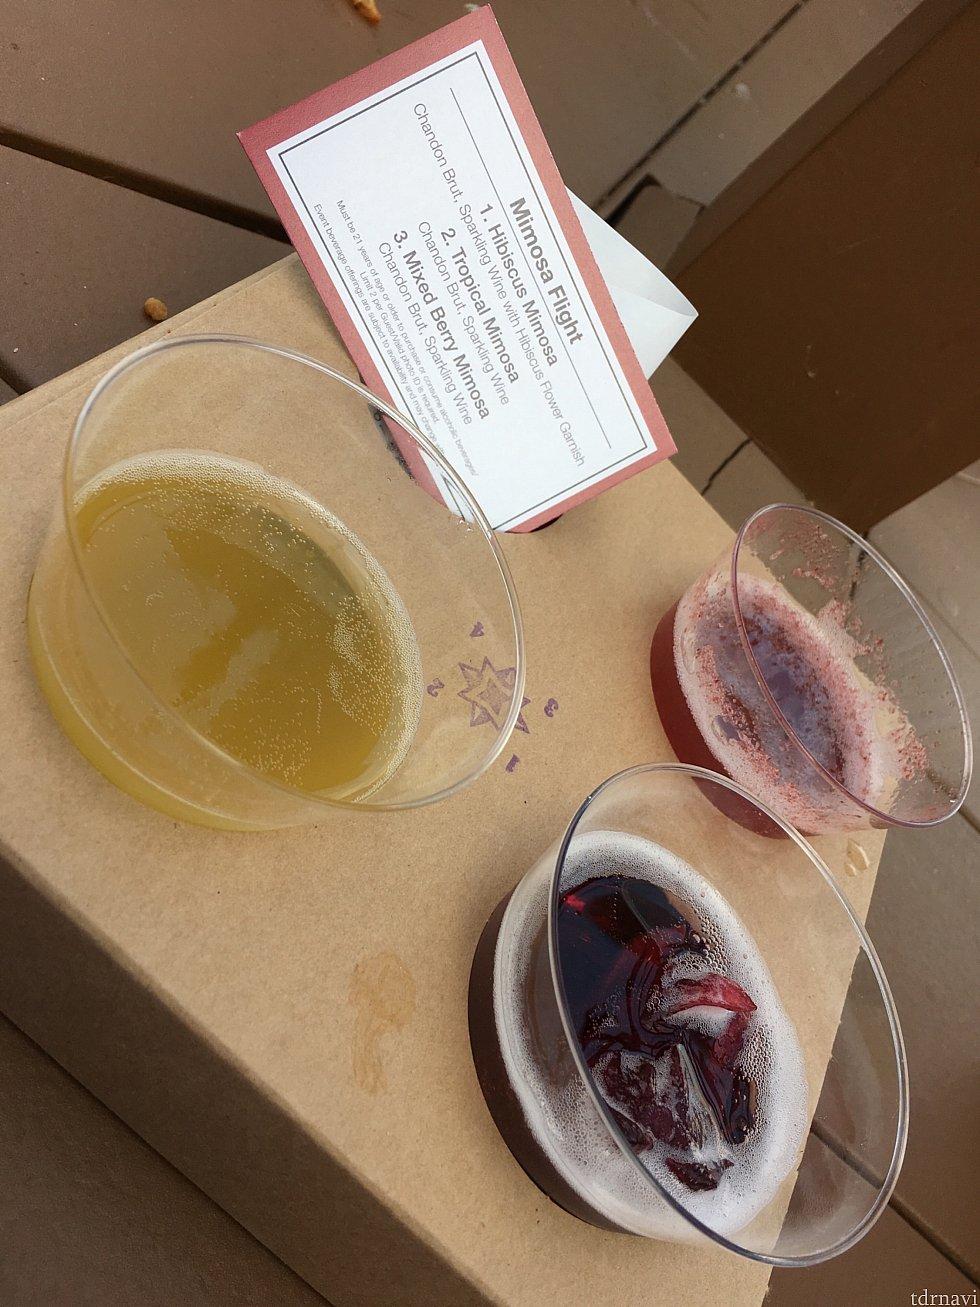 [UNCORK CALIFORNIA]のミモザの飲み比べセット。ハイビスカスミモザ🌺が甘くて飲みやすくて美味しかった🍷